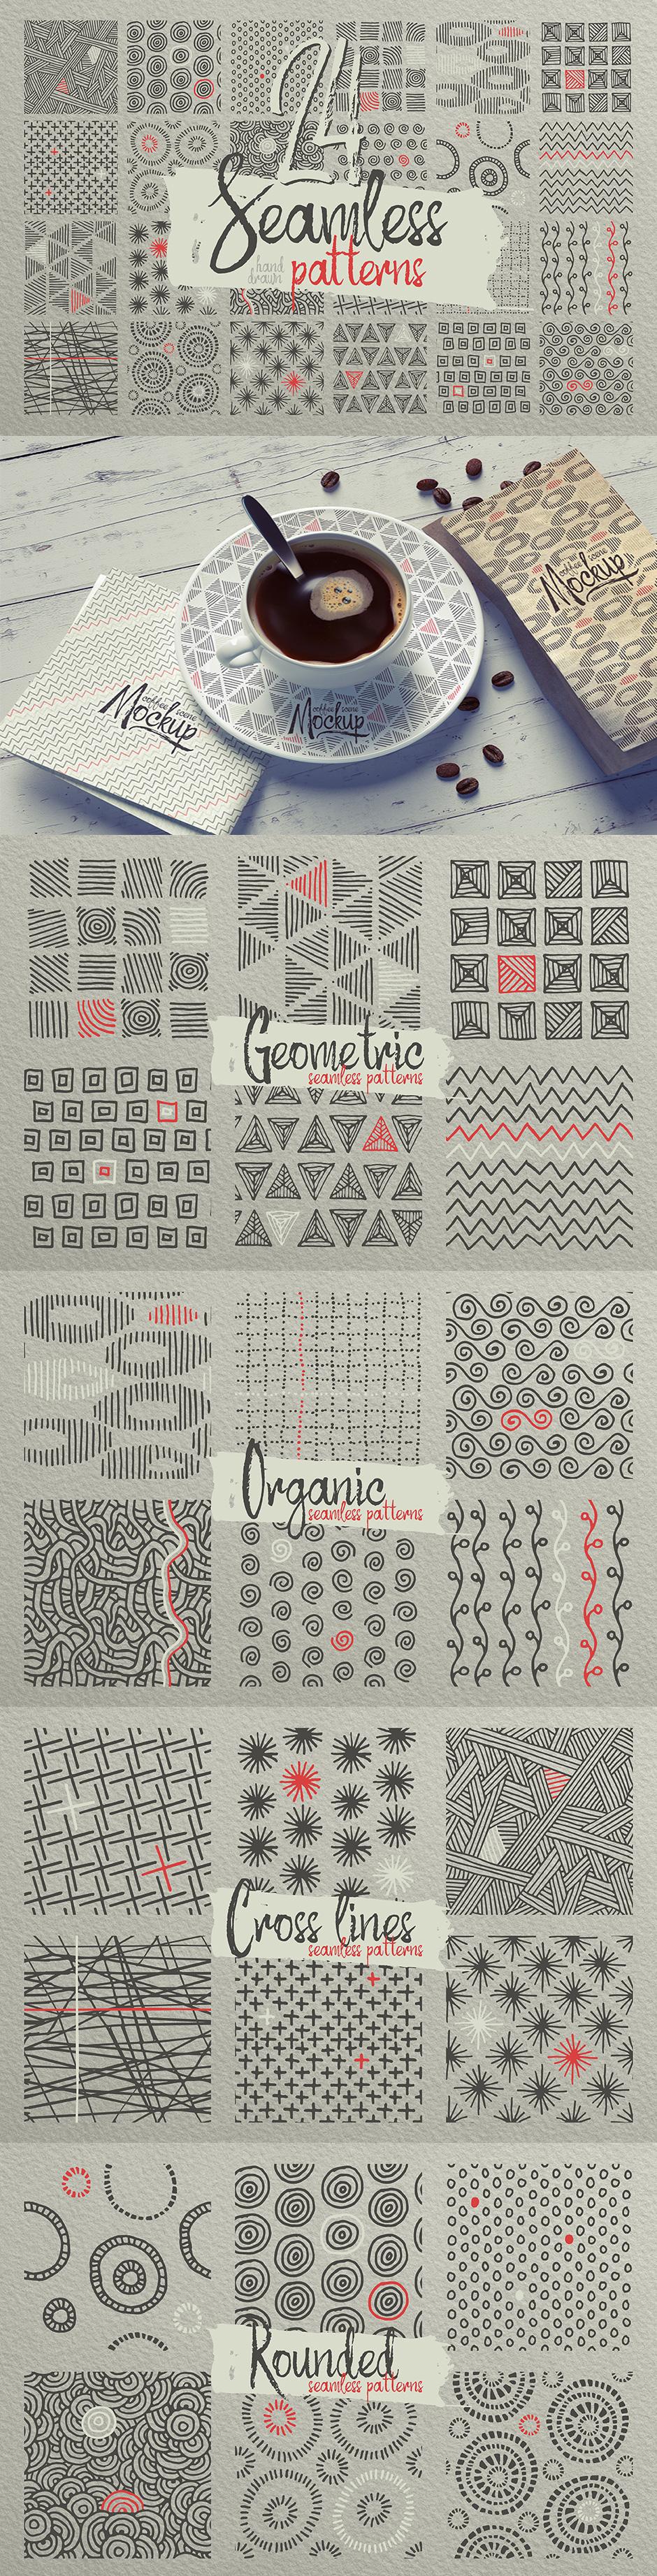 テクスチャとパターンの完全コレクション